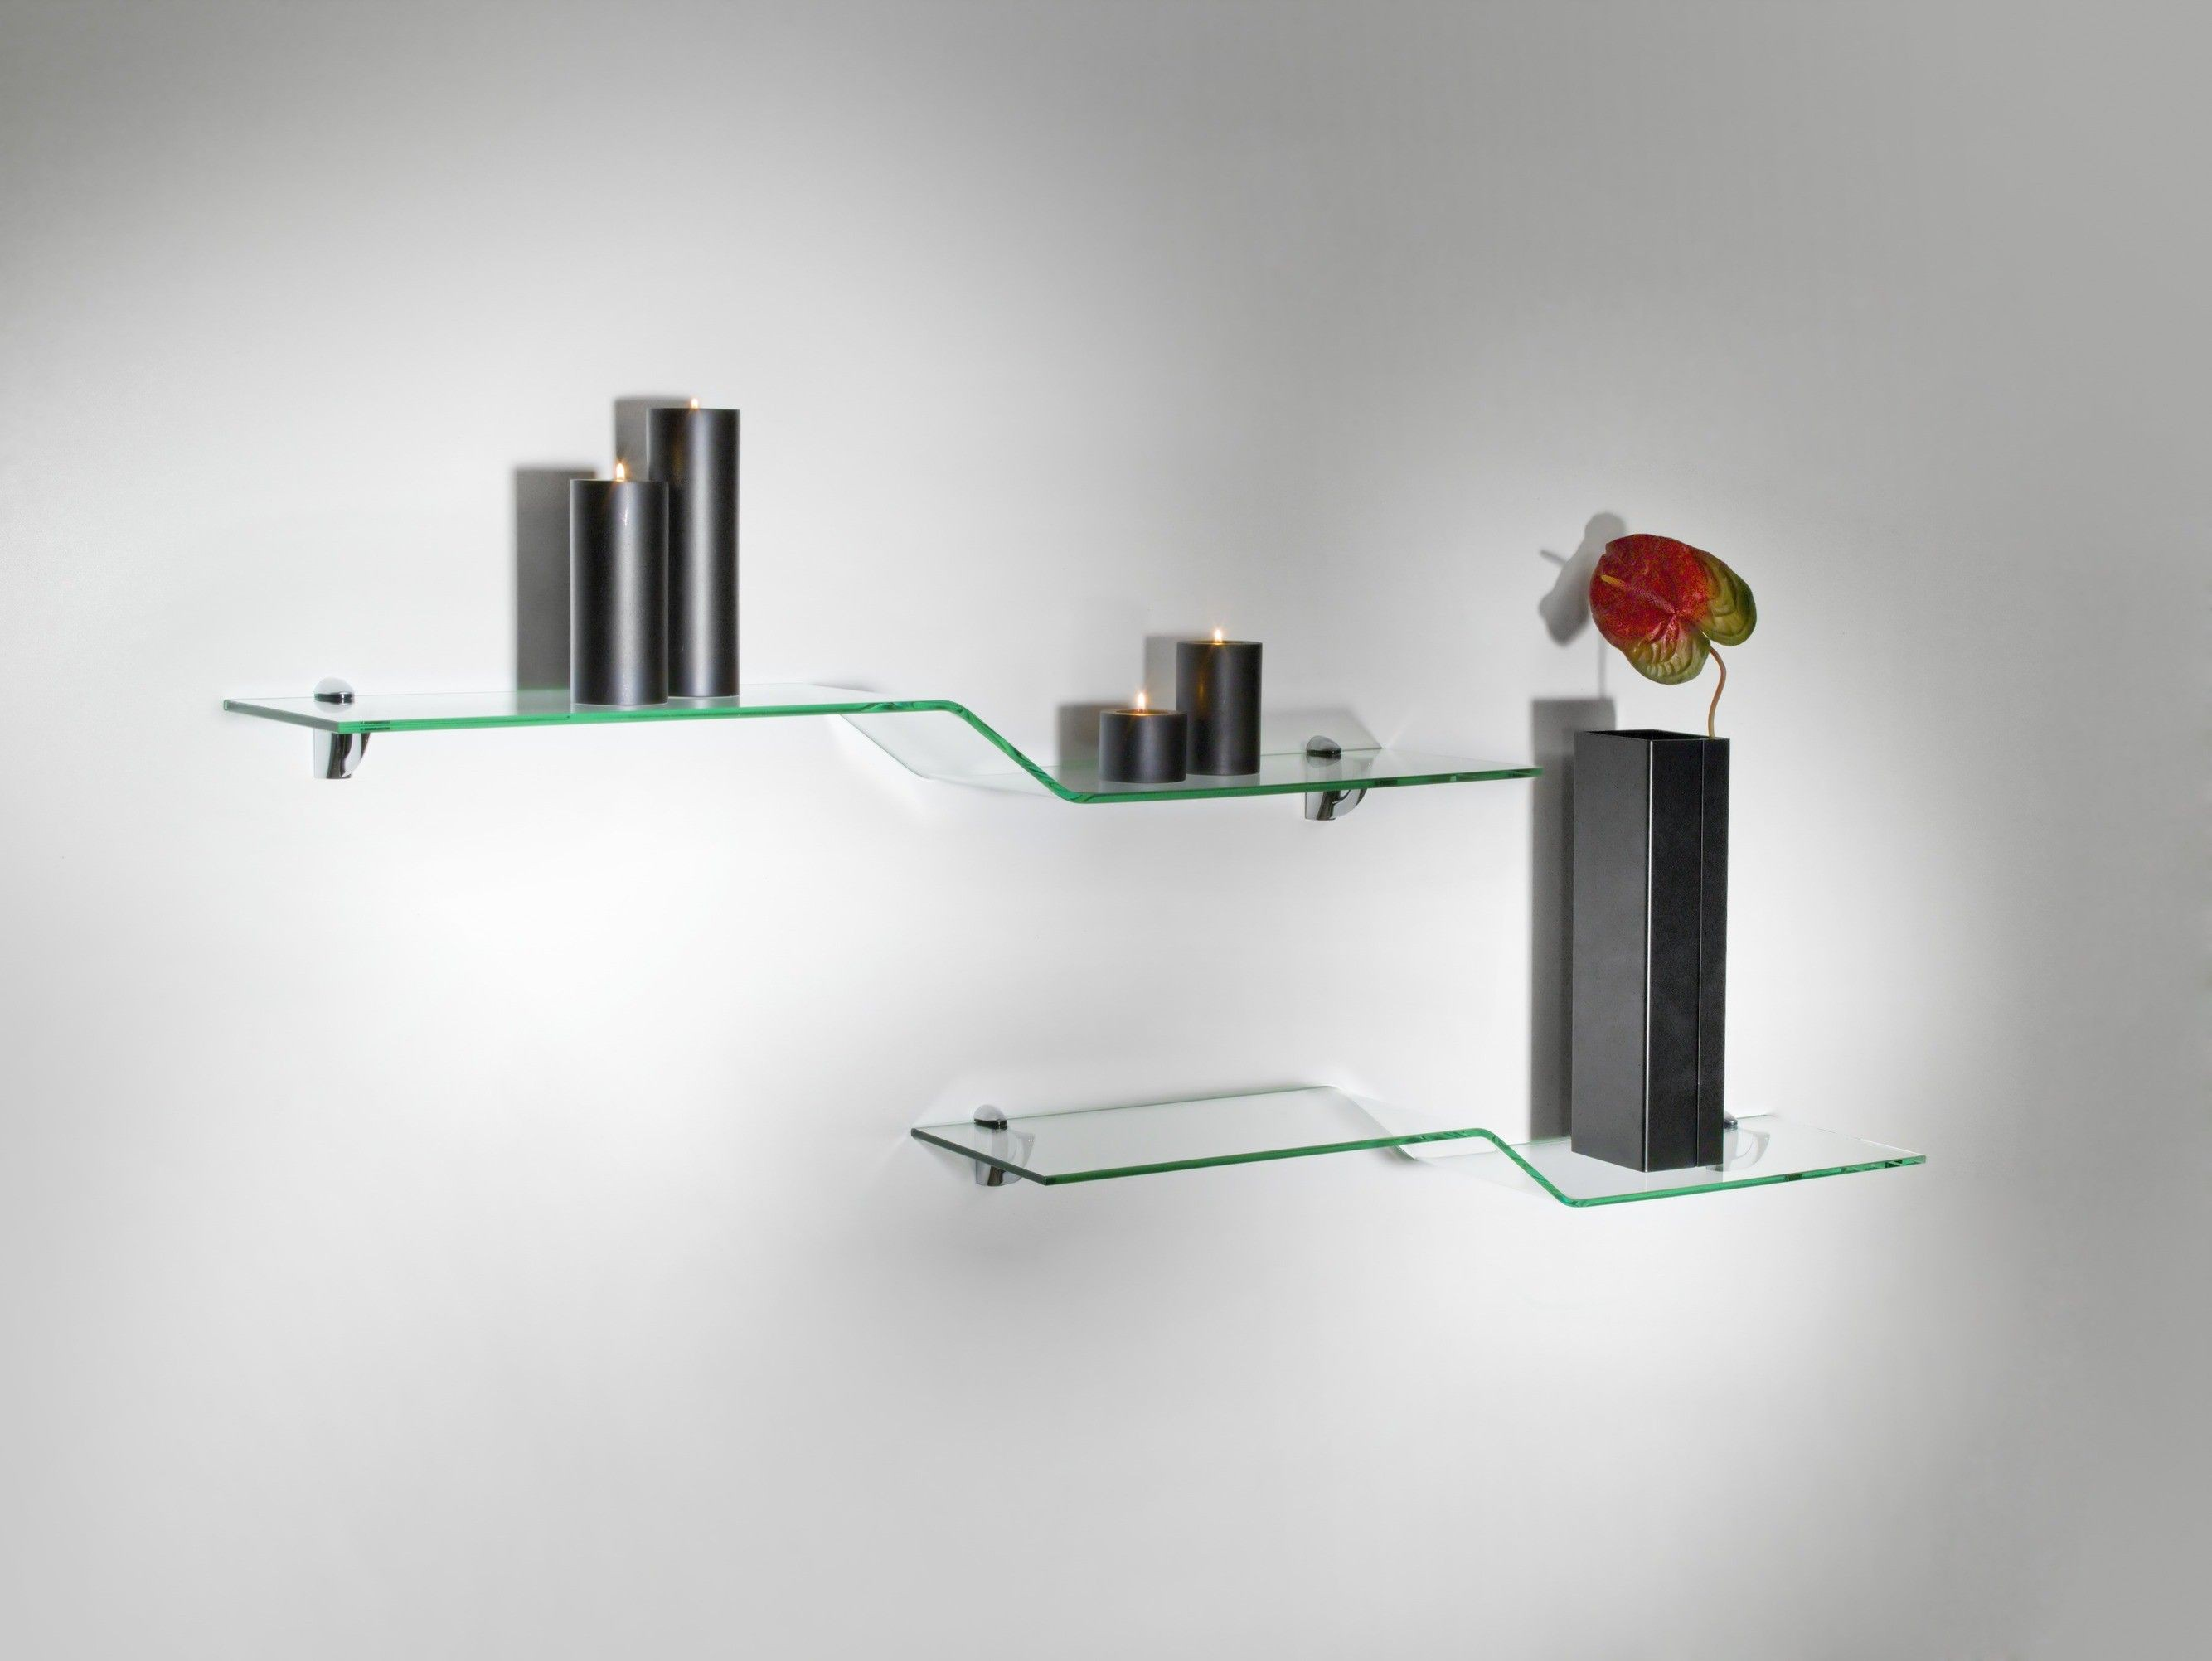 Mensole in vetro curvato: soluzioni di design per la tua parete